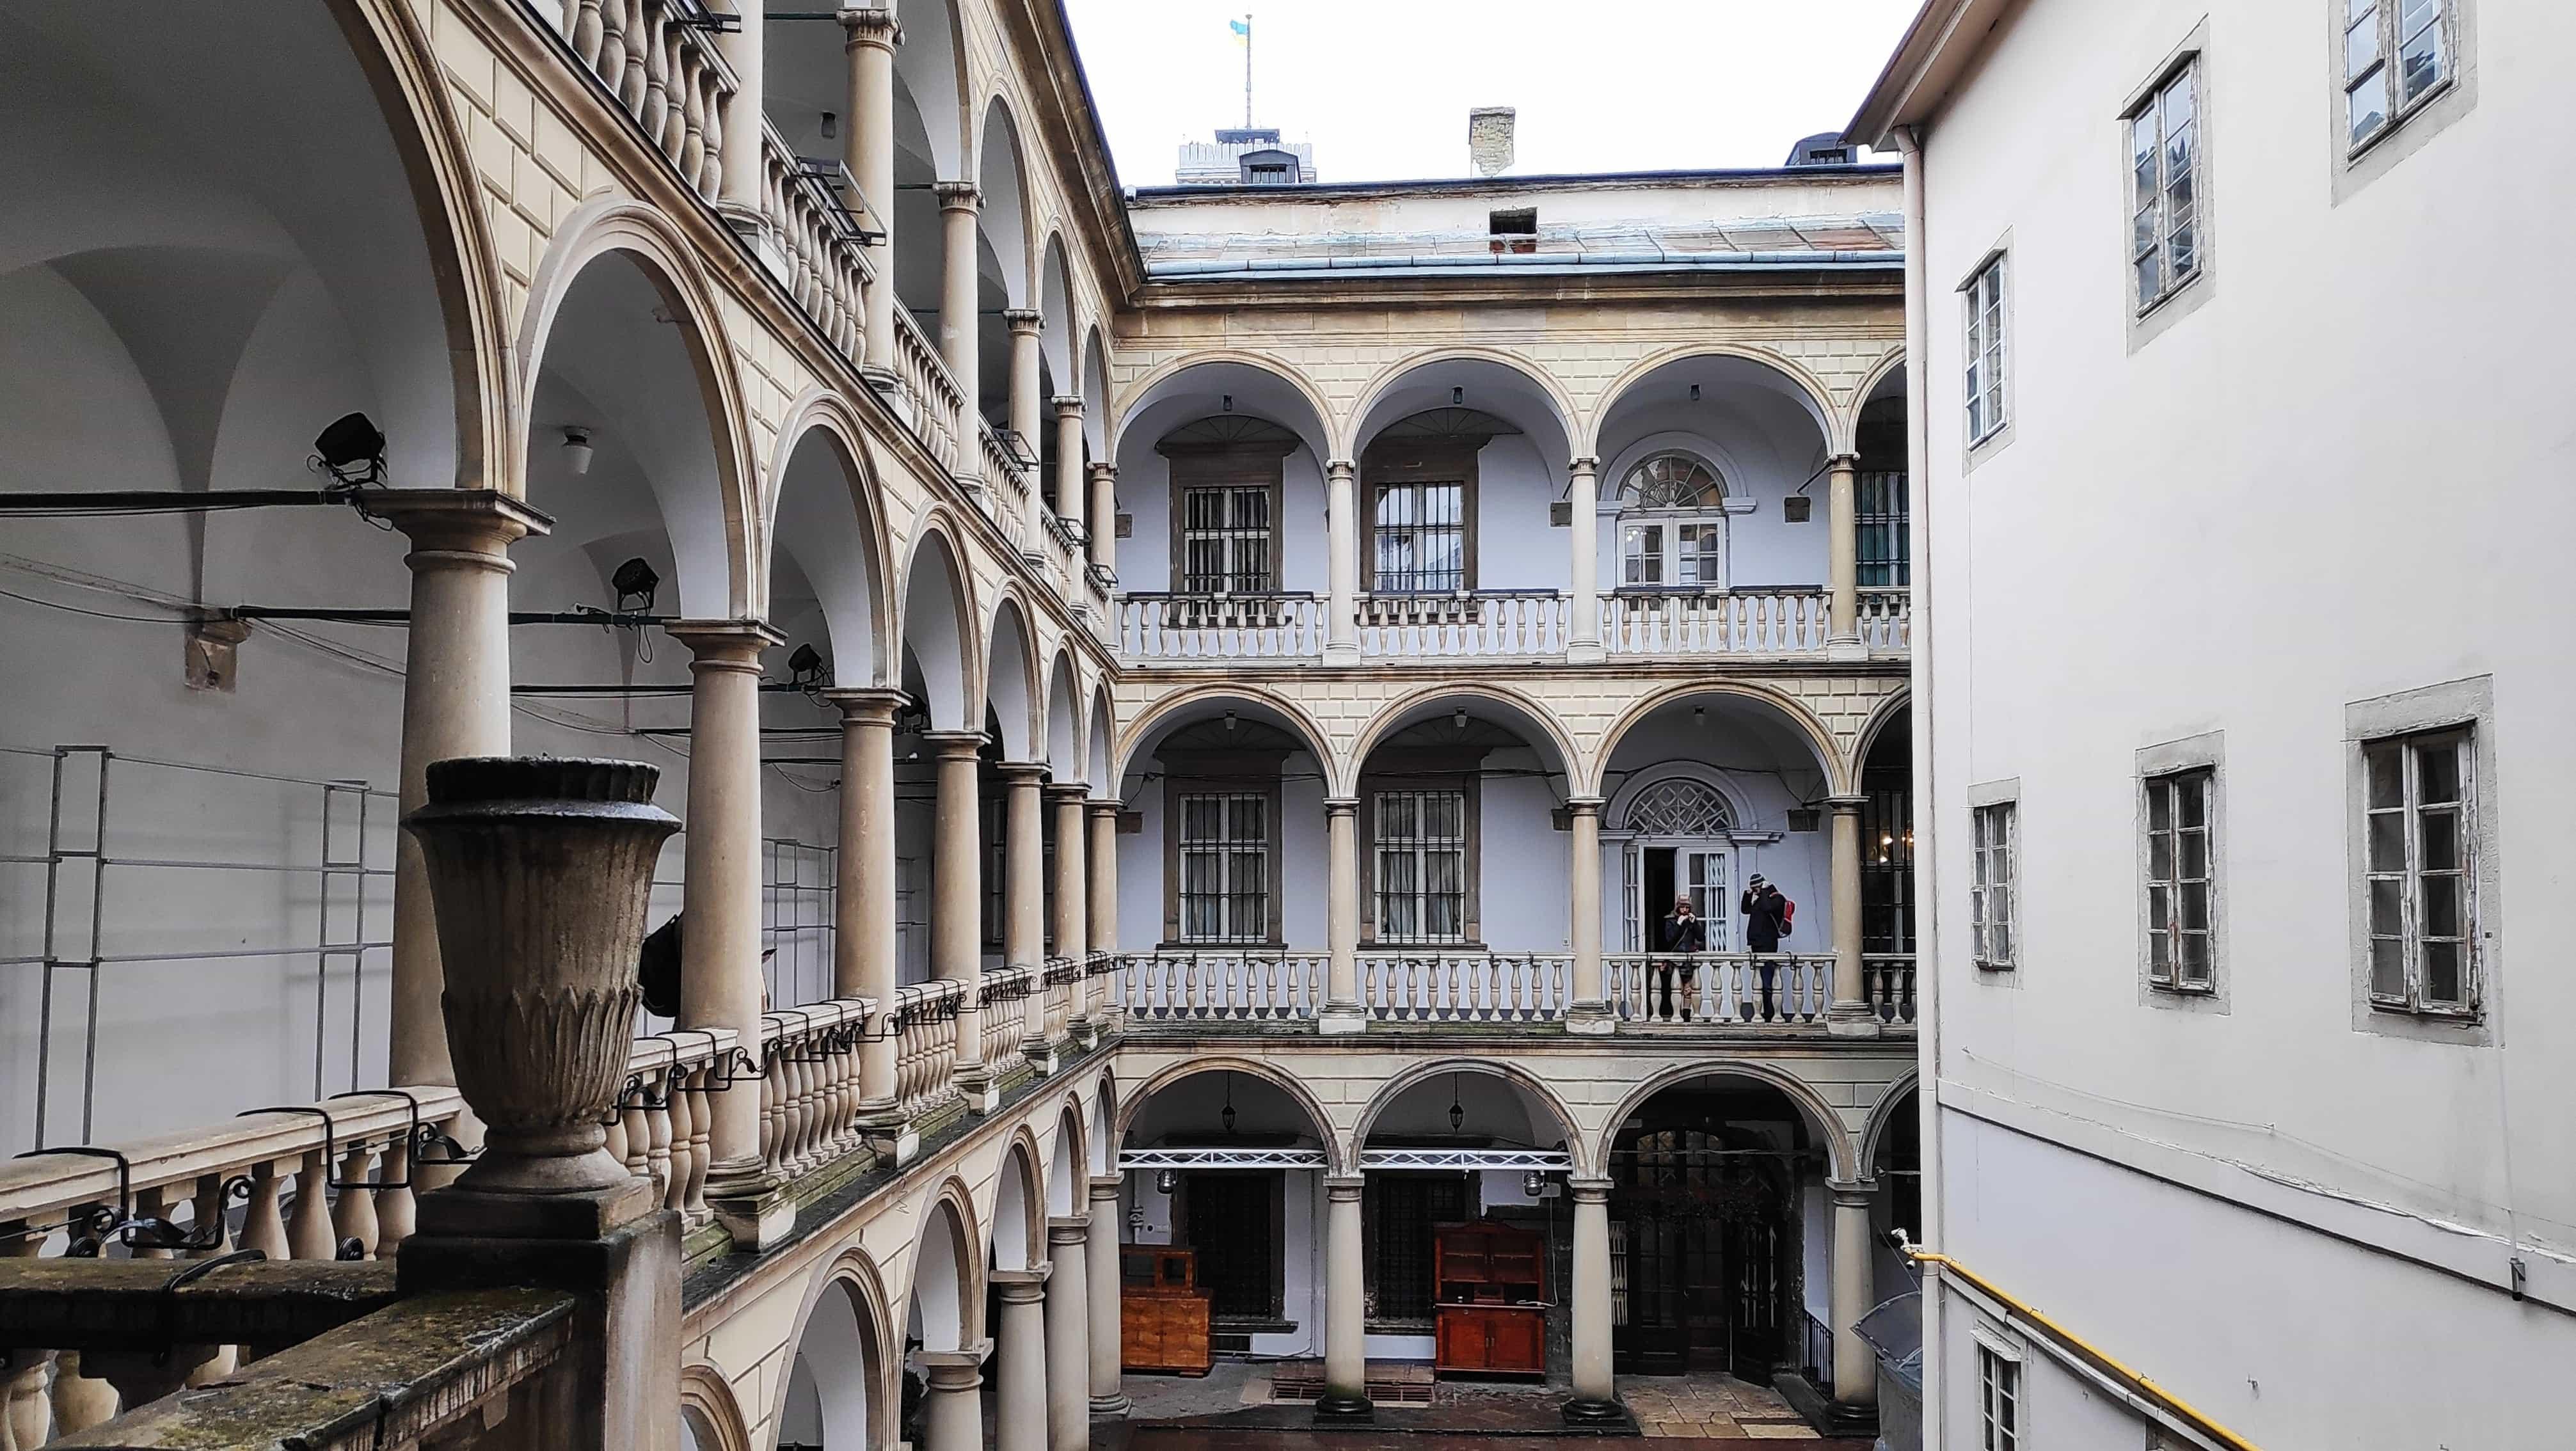 Historisches Gebäude in Lviv in der Ukraine